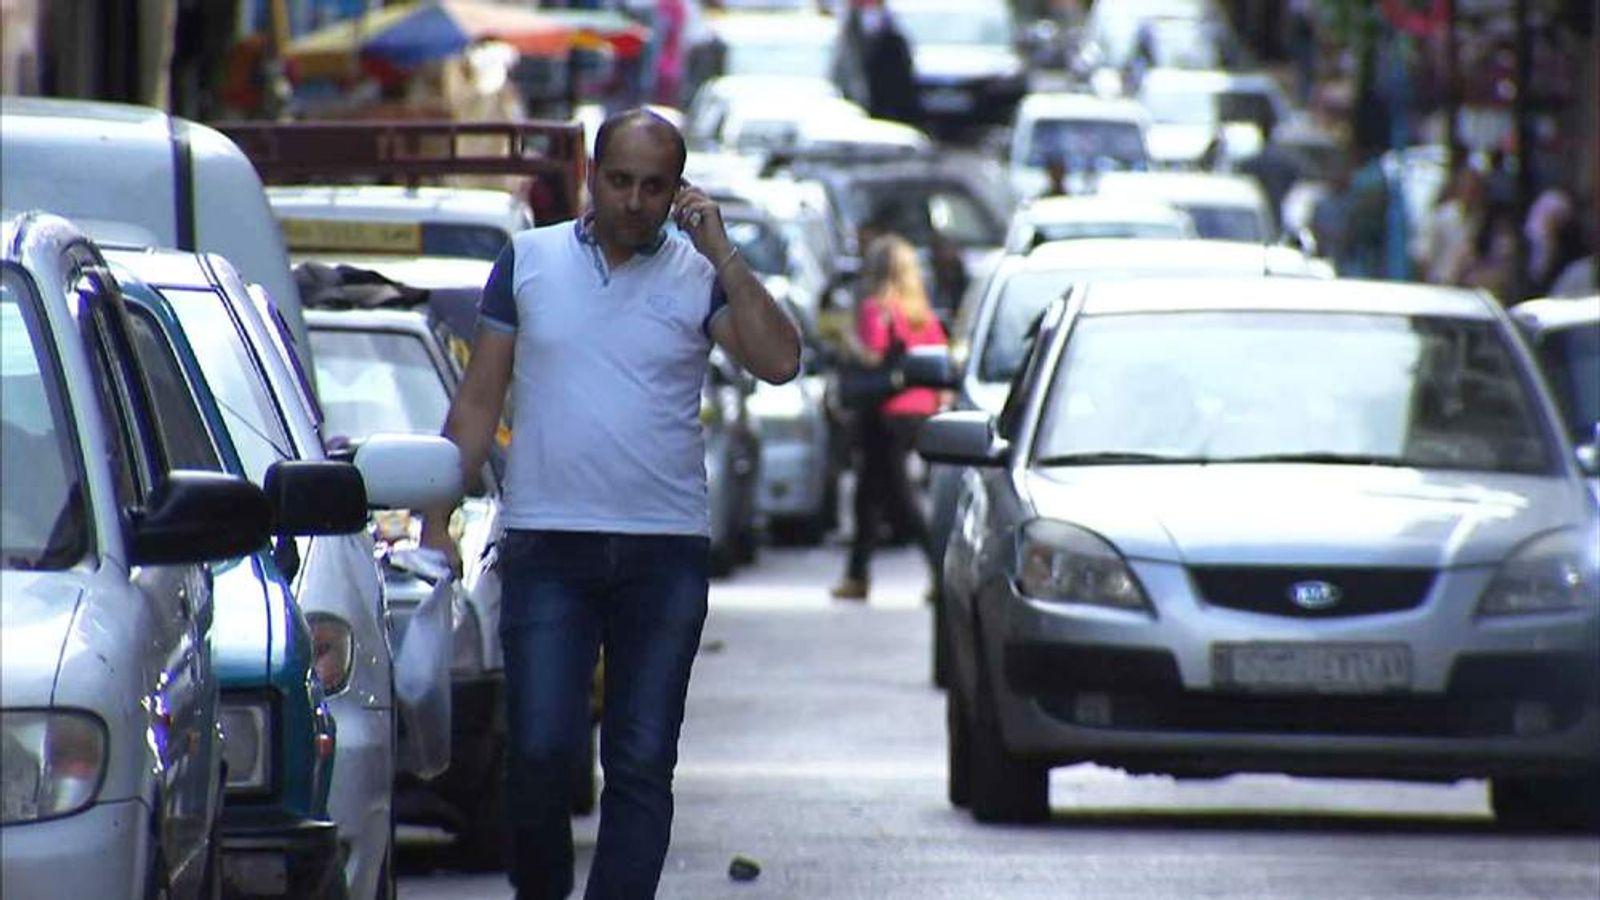 Street scene in Latakia